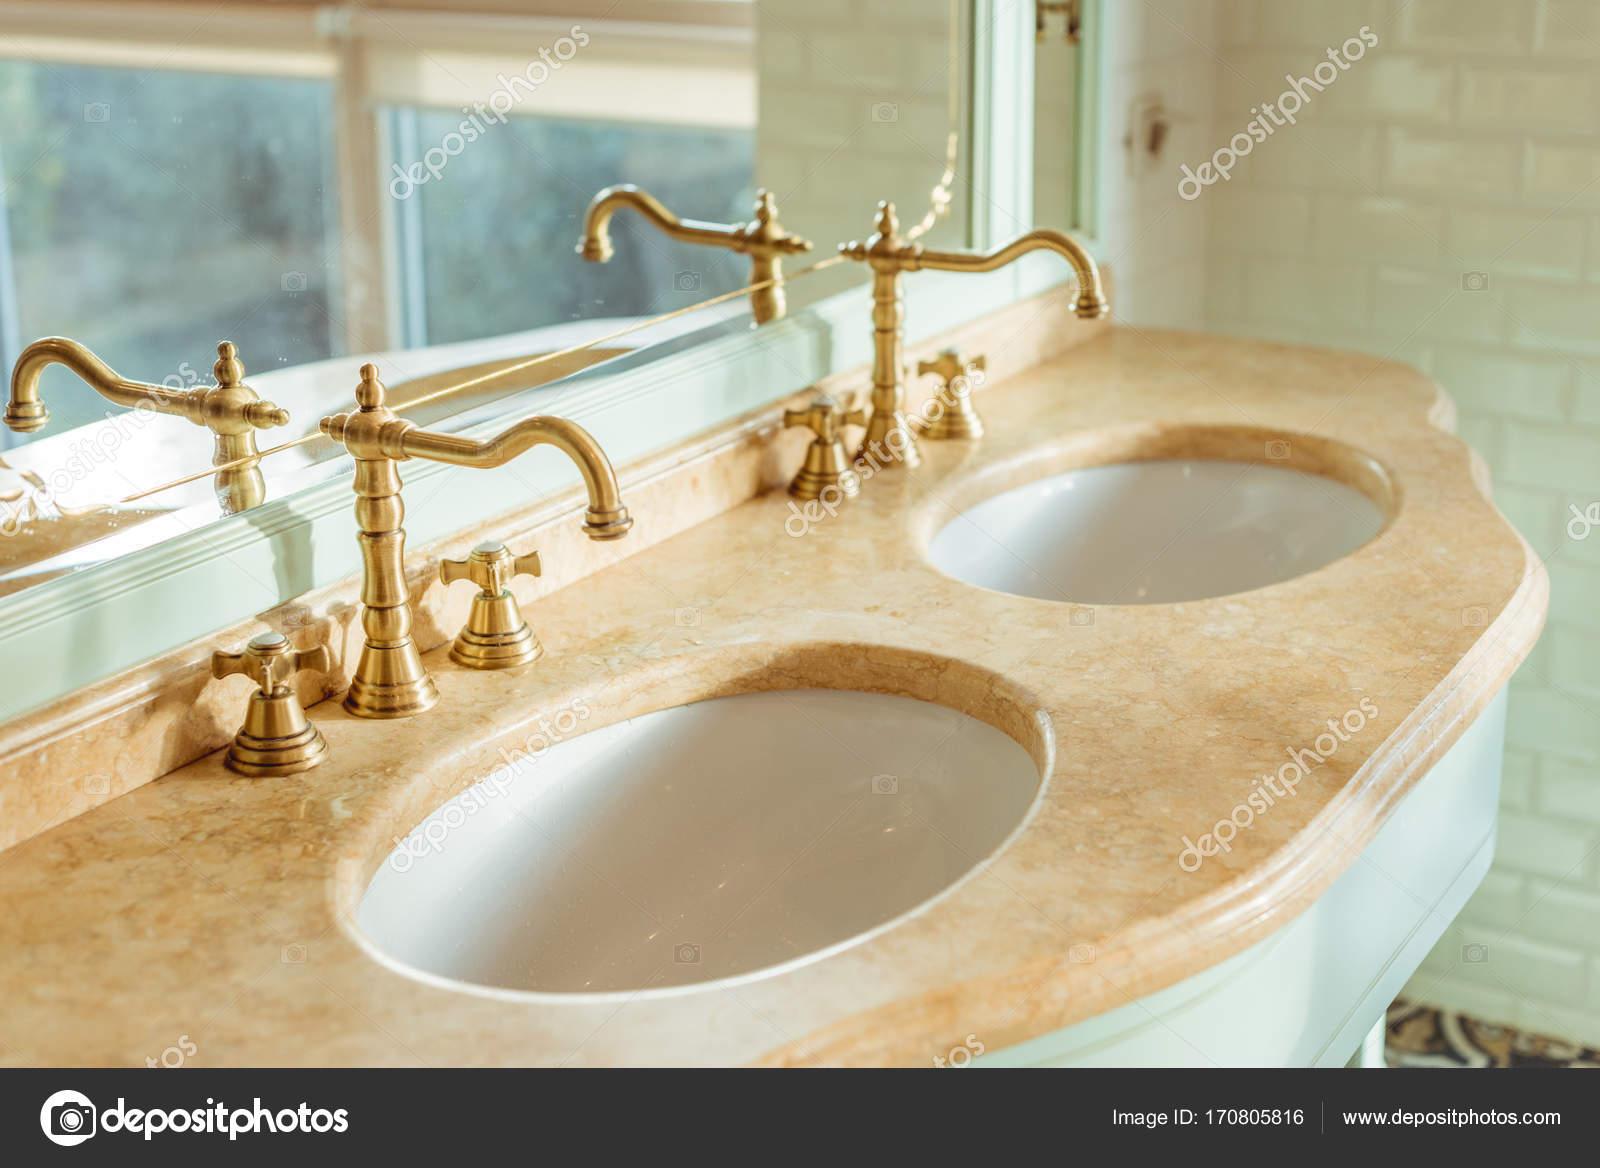 wastafels in de badkamer — Stockfoto © AllaSerebrina #170805816